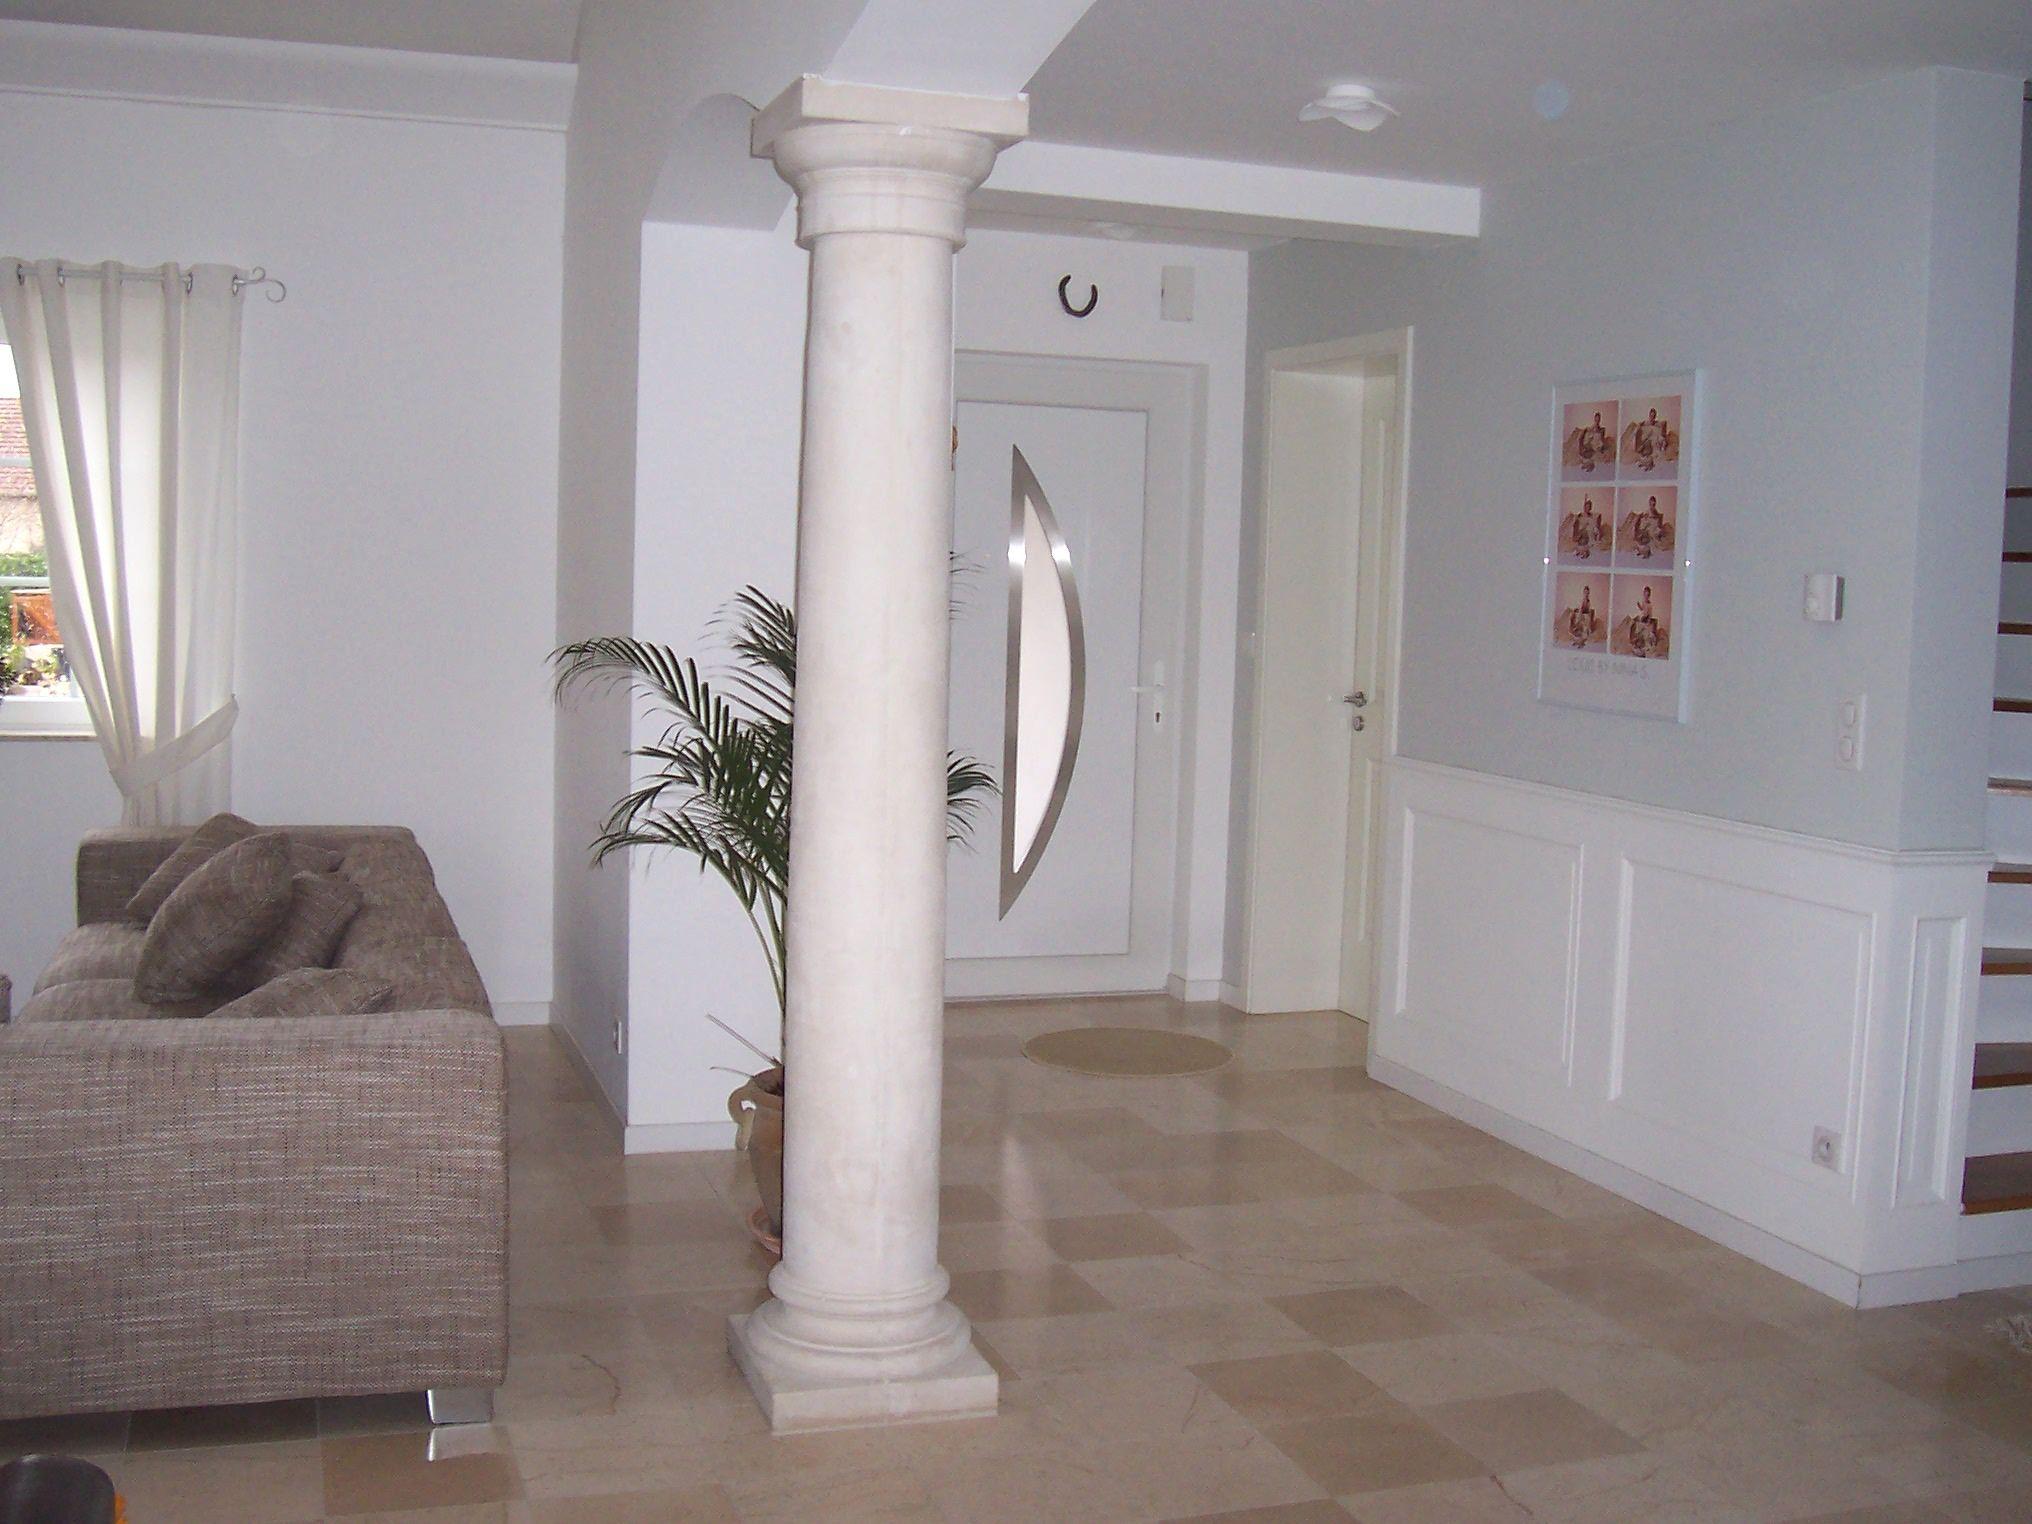 Colonne classique en pierre reconstitu e lisse pleine d corative non porteuse chapi - Interieur moderne inspirant piliers en beton ...